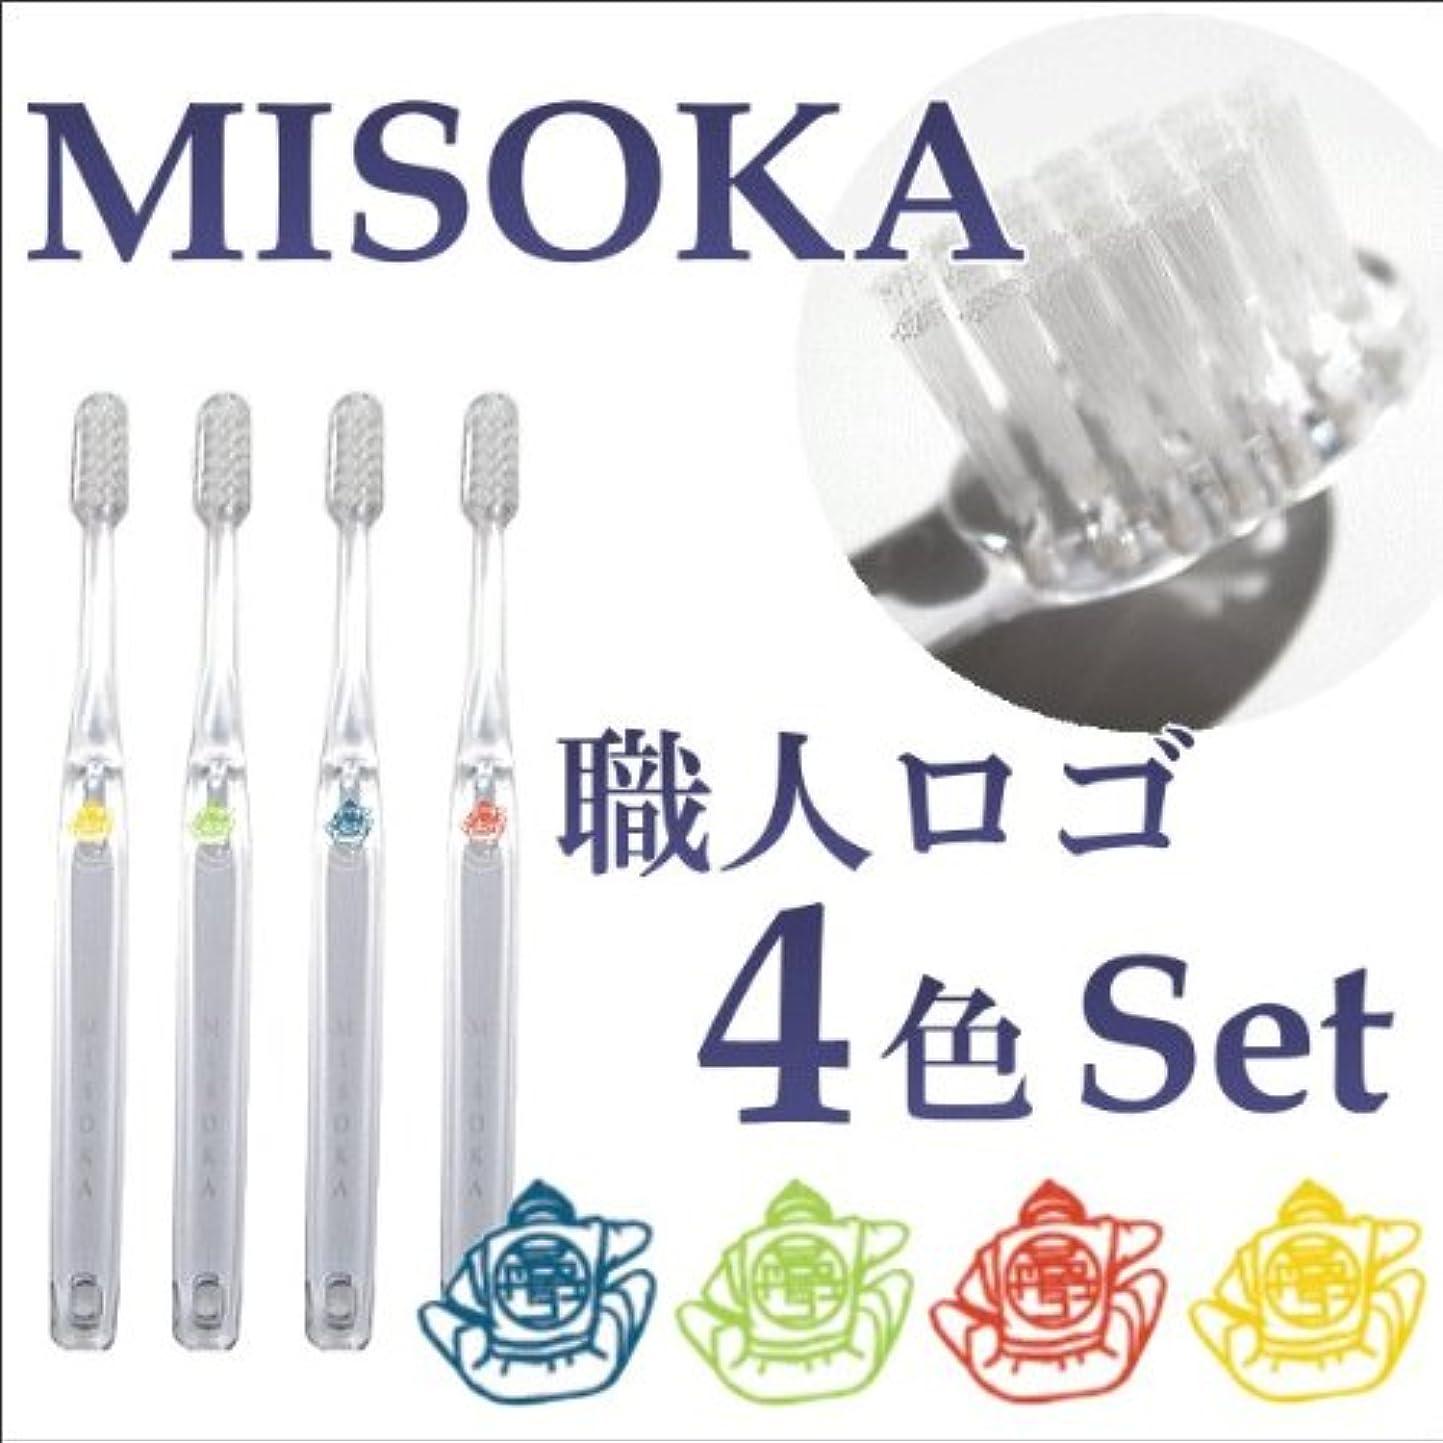 マーティンルーサーキングジュニア数値節約「MISOKA」職人技の歯ブラシ ミソカ 職人ロゴ4色セット×2セット